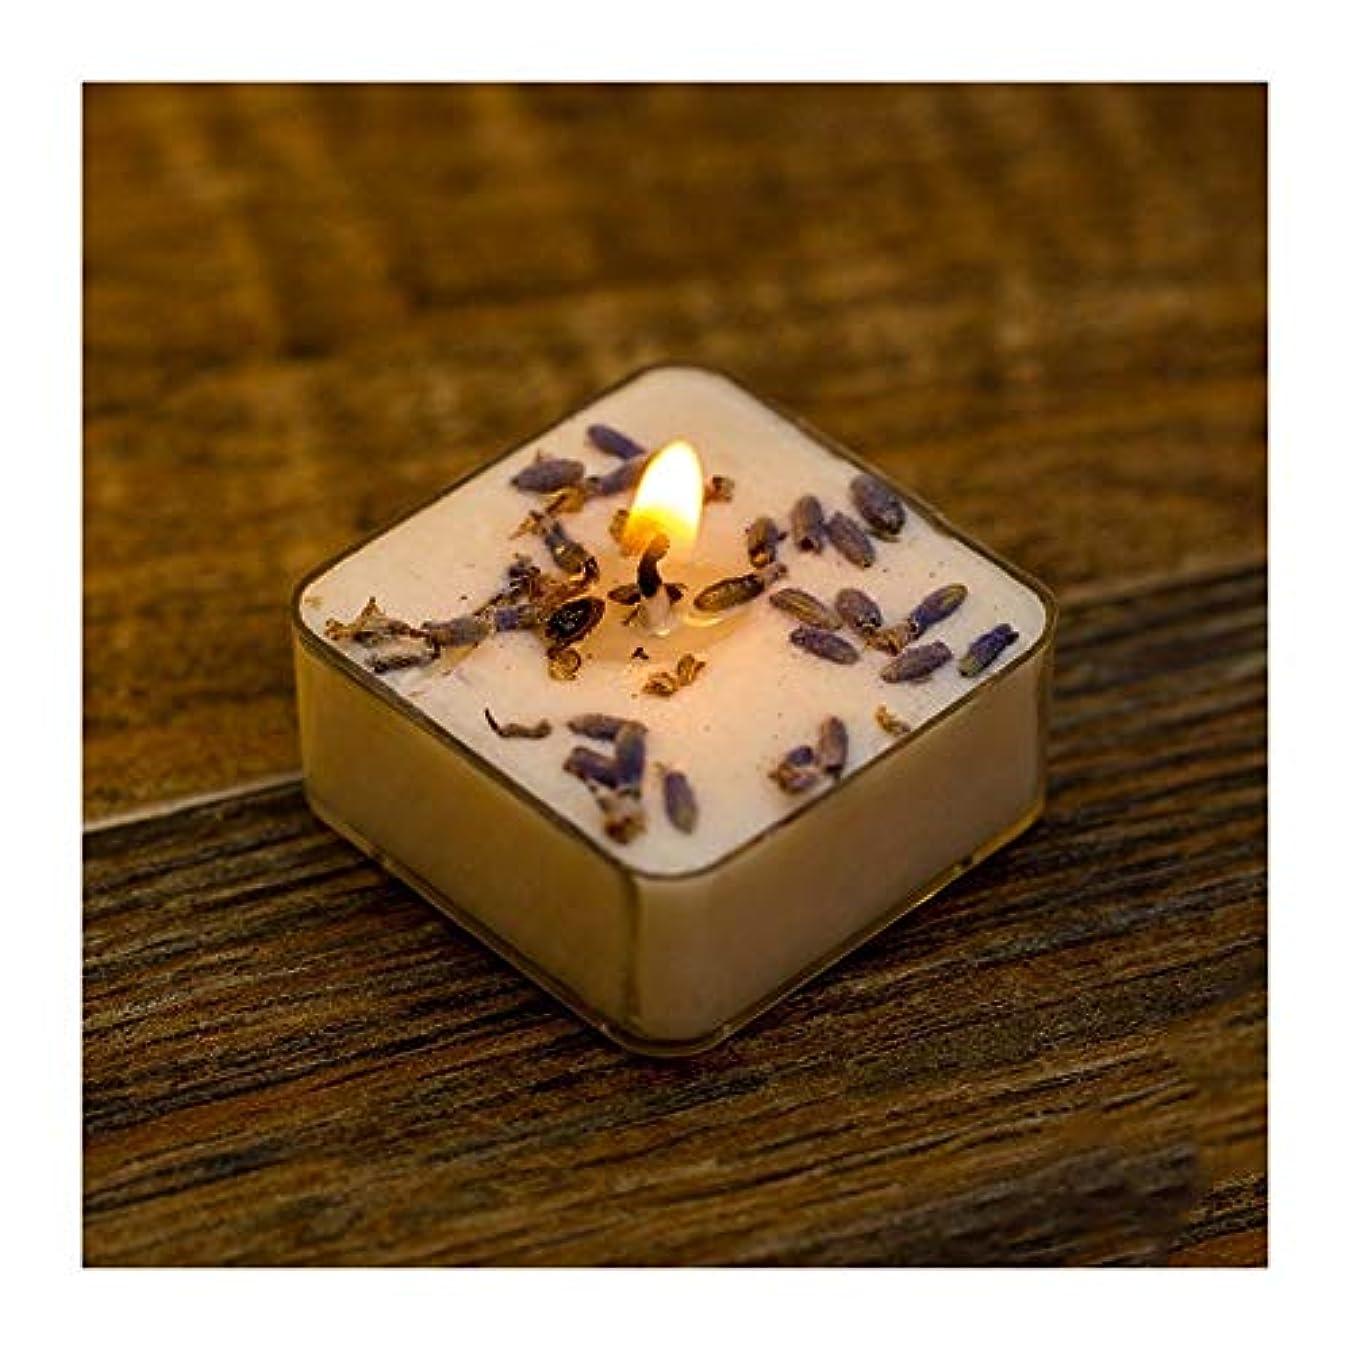 撃退する建物配管Guomao 無煙アロマキャンドル手作りのカスタムロマンチックな結婚誕生日の雰囲気のラベンダーフレーバーキャンドル (色 : Green tea)